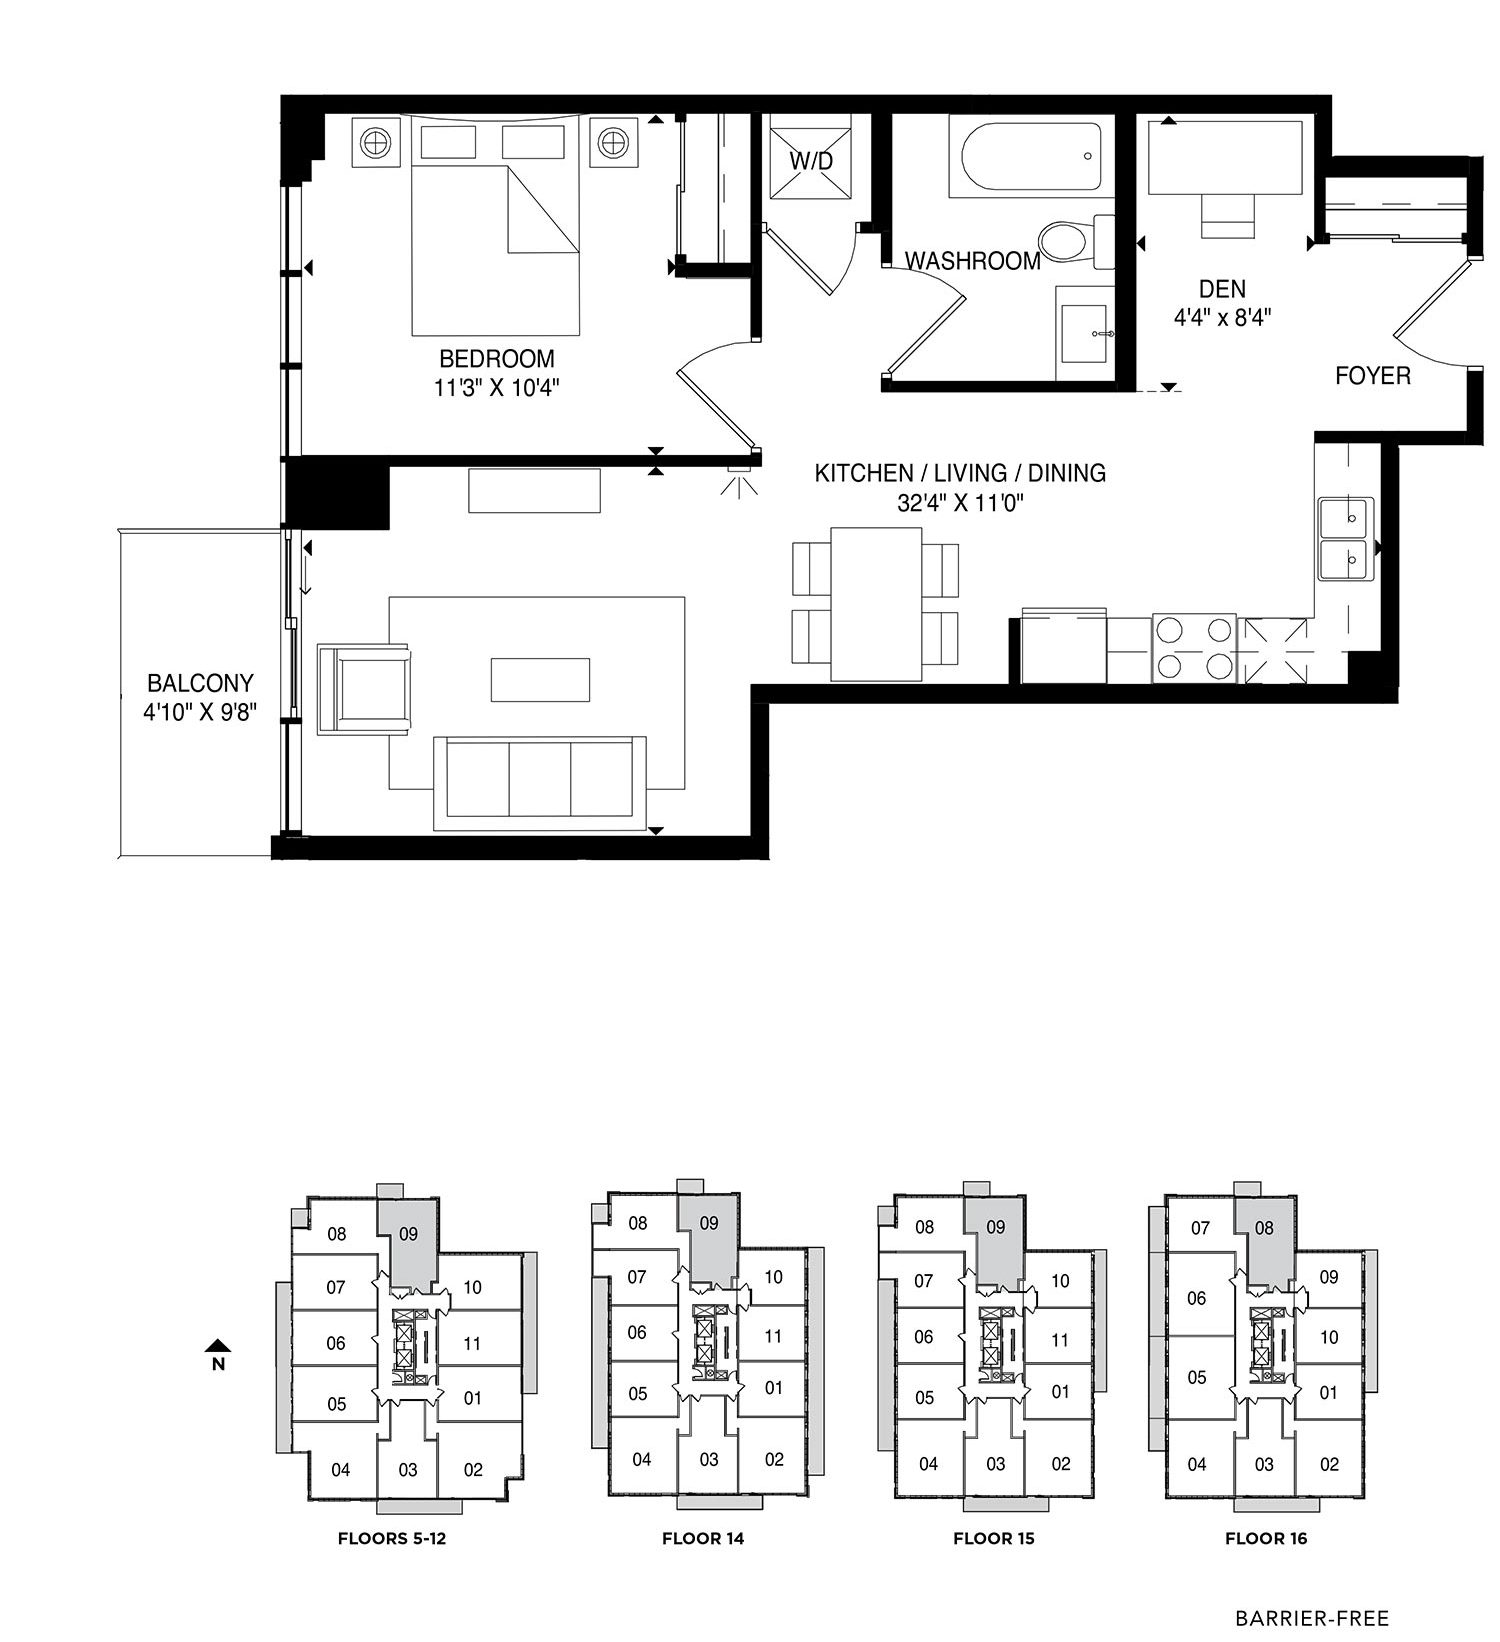 hughes_floorplan_pdf_img